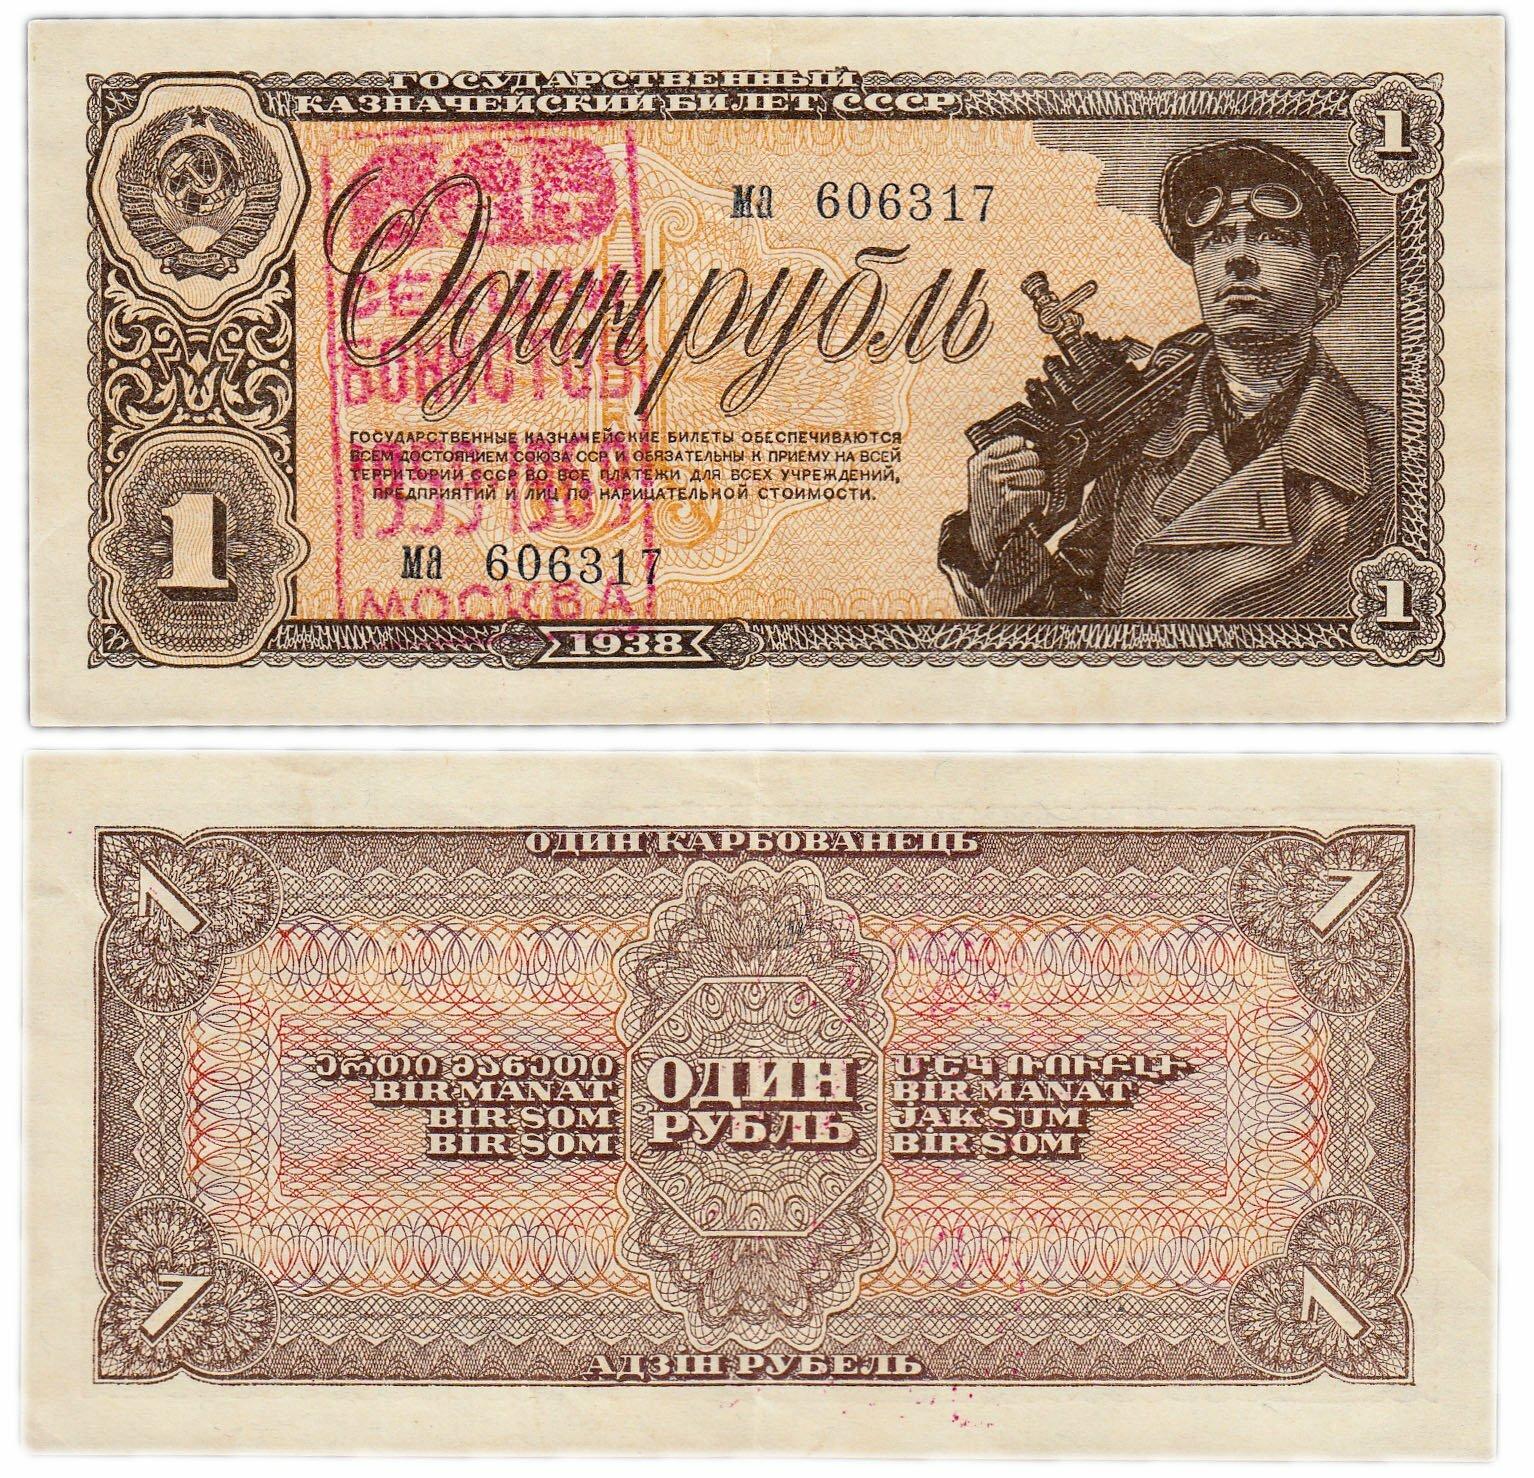 Банкнота 1 рубль 1938 с памятным штемпелем (надпечаткой) «10 лет, секции бонистов. 1959 — 1969. Москва» A170902